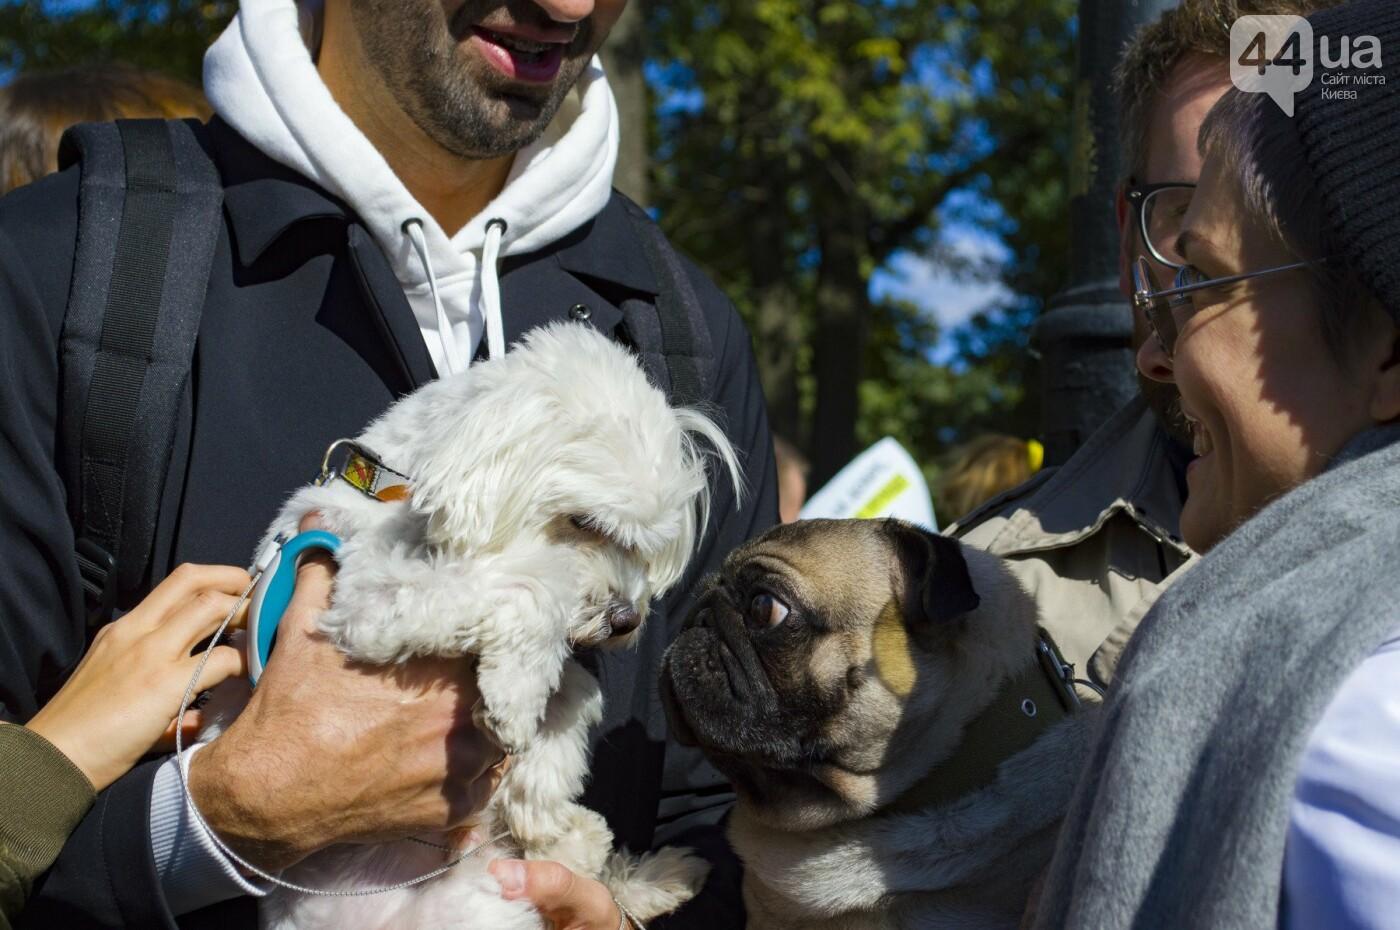 Собаки, коты и хомячки: в Киеве прошла акция за права животных, - ФОТОРЕПОРТАЖ, фото-35